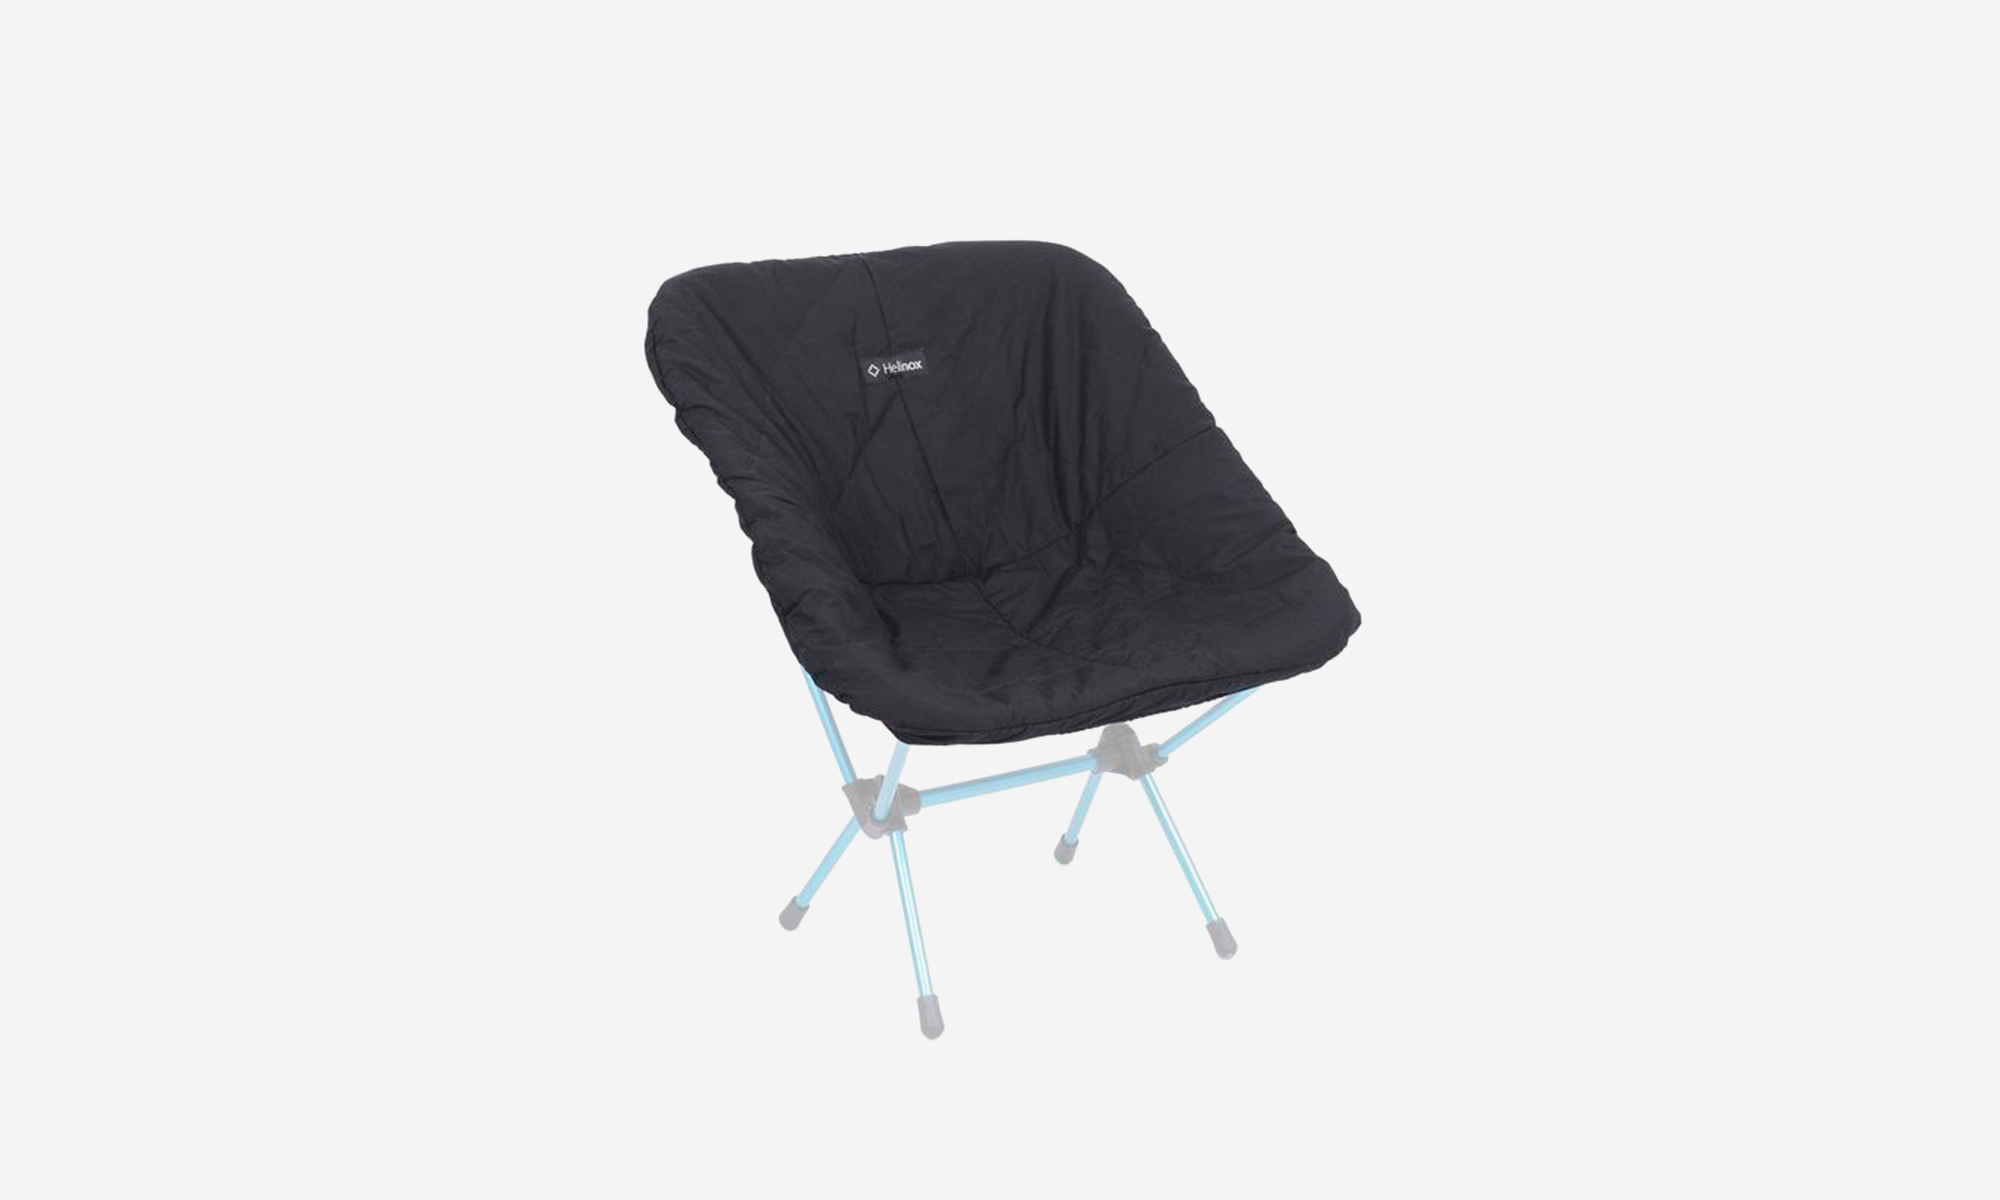 Helinox-Seat-Warmer